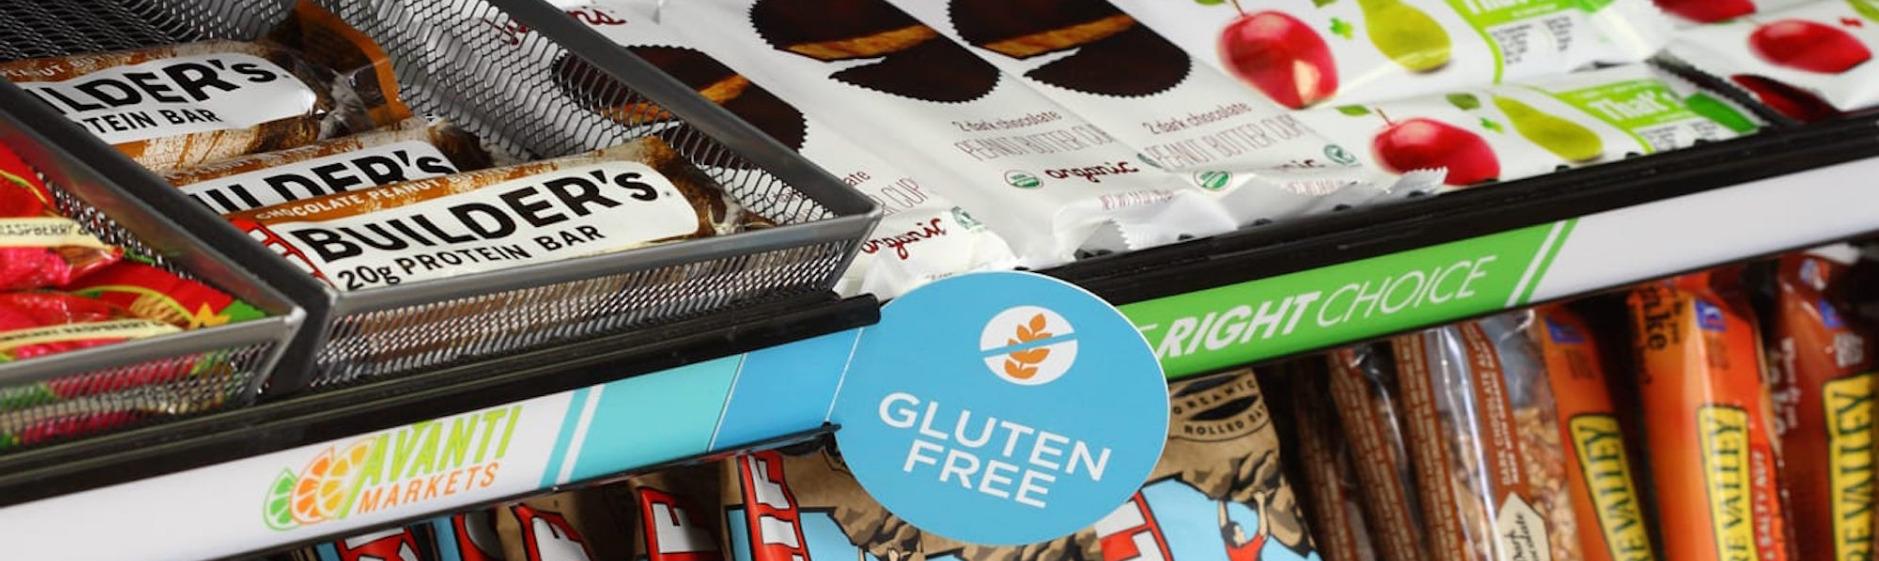 Minneapolis vending snacks healthy healthier.jpg